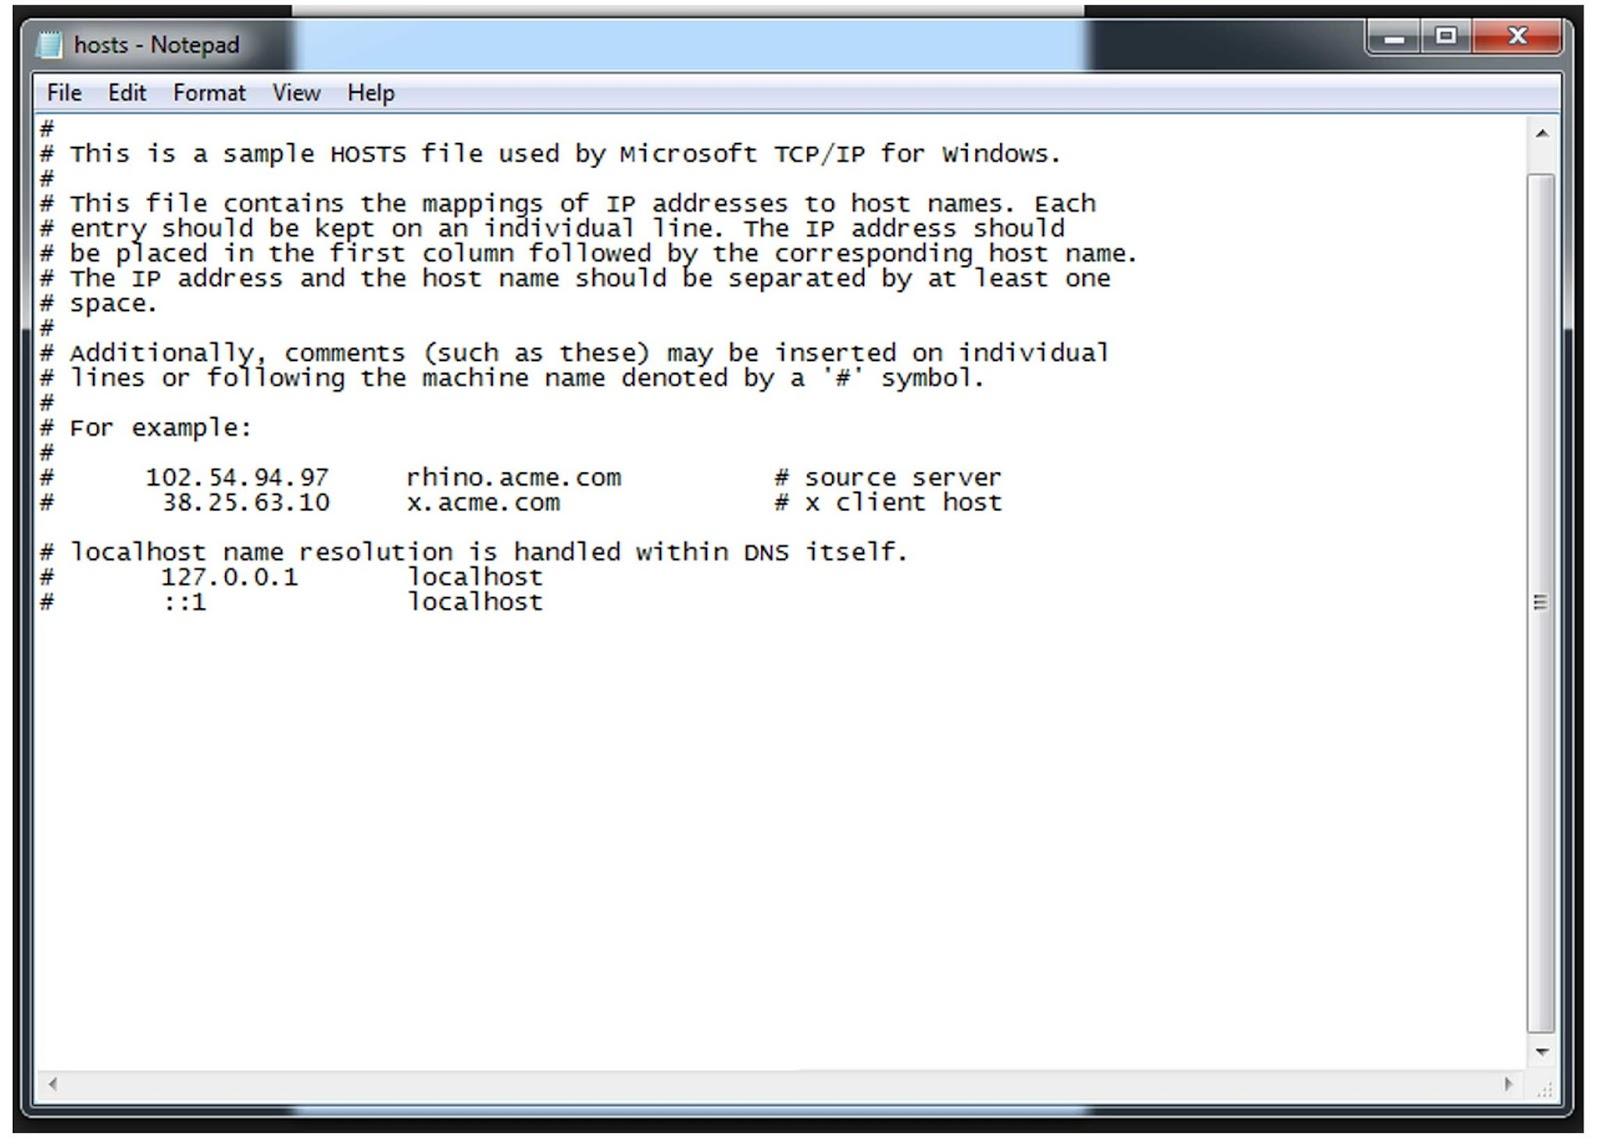 Как отредактировать файл hosts в Windows 7, Vista?